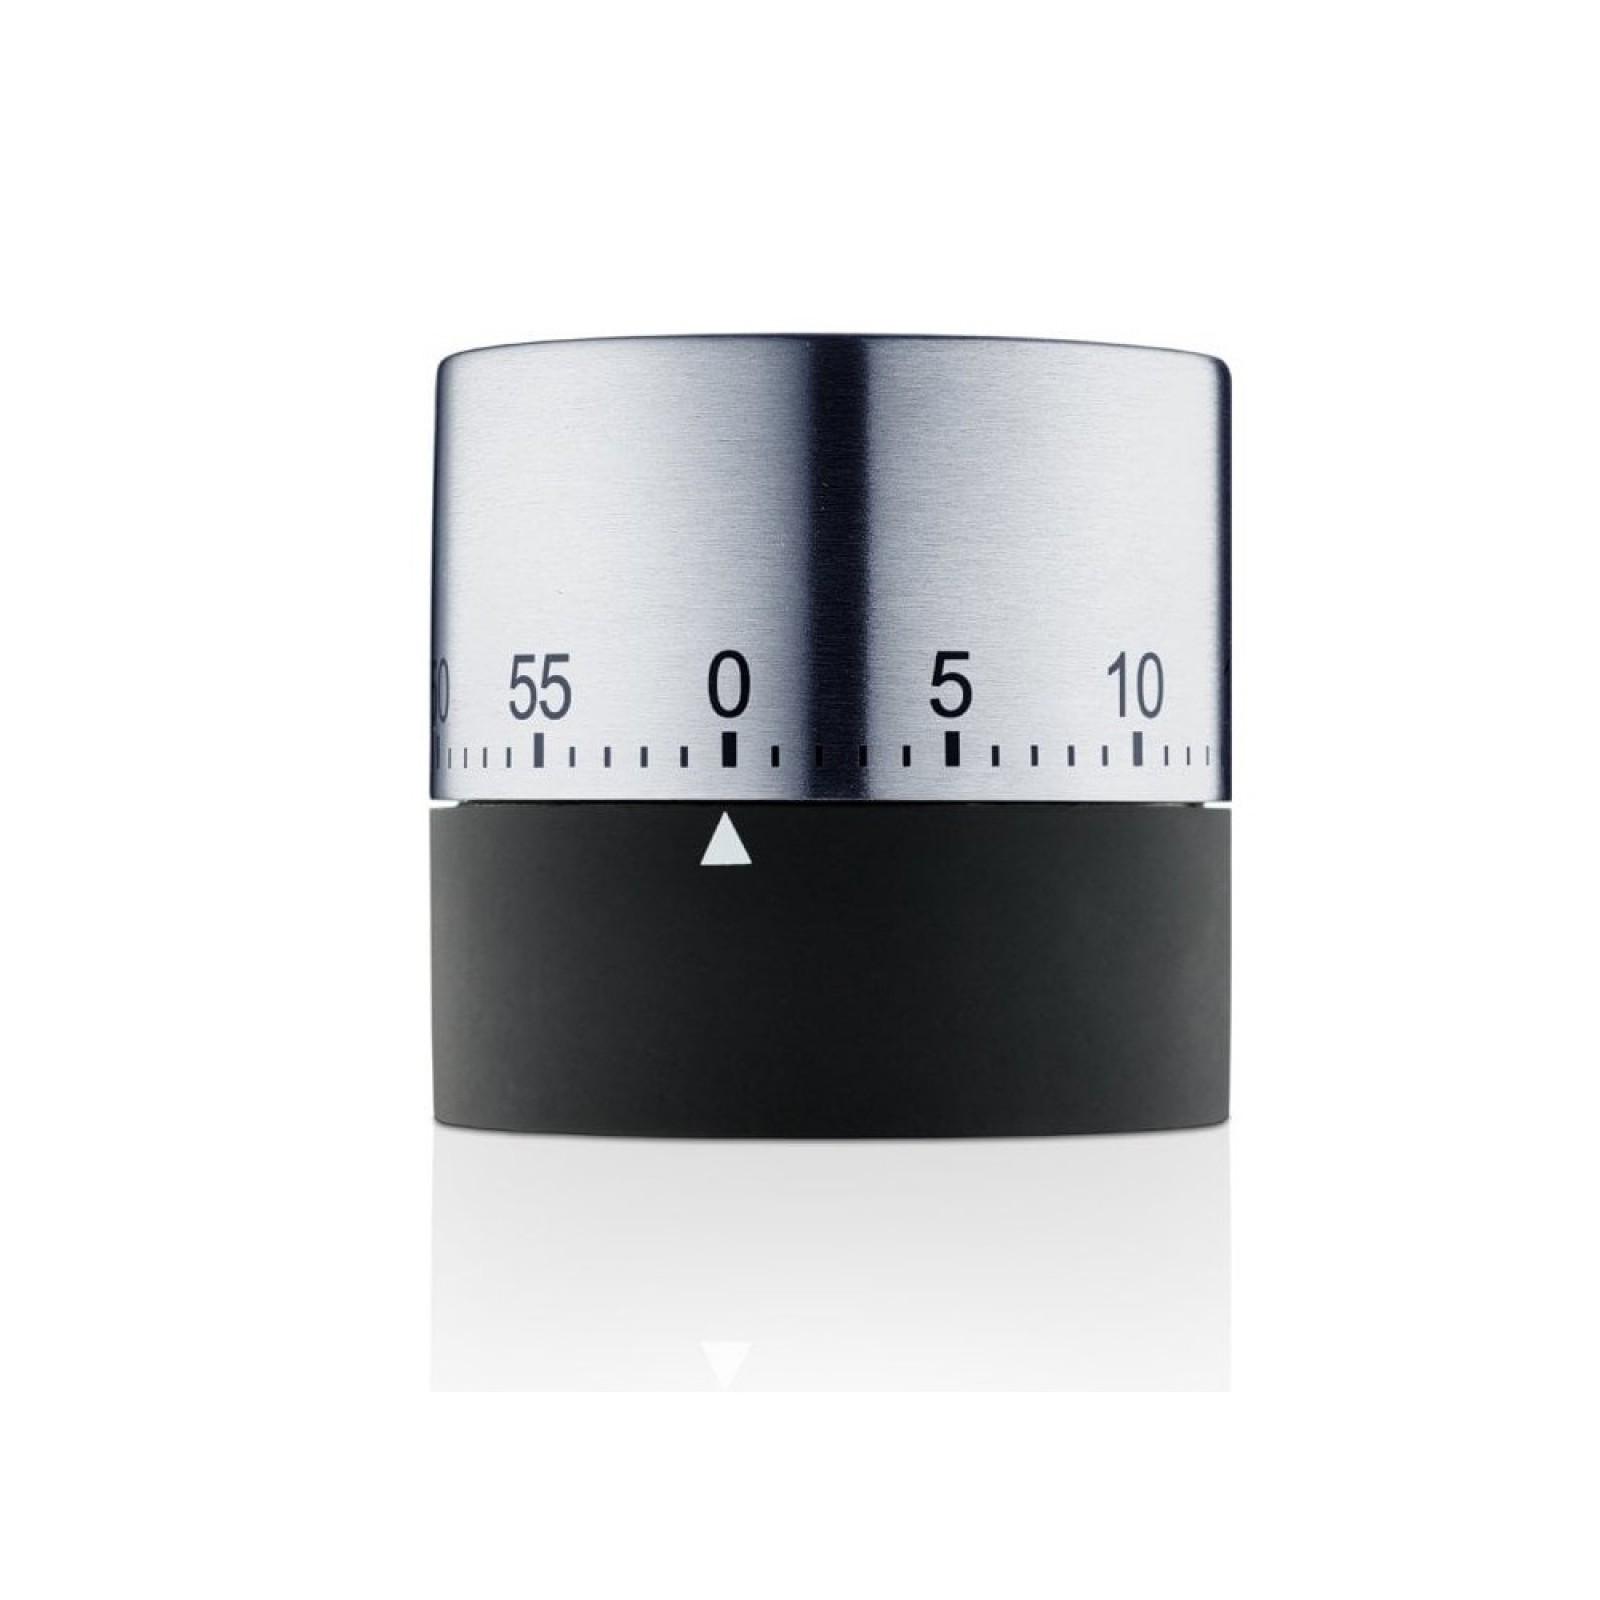 Μαγνητικό Χρονόμετρο Κουζίνας PUNCTO - Blomus